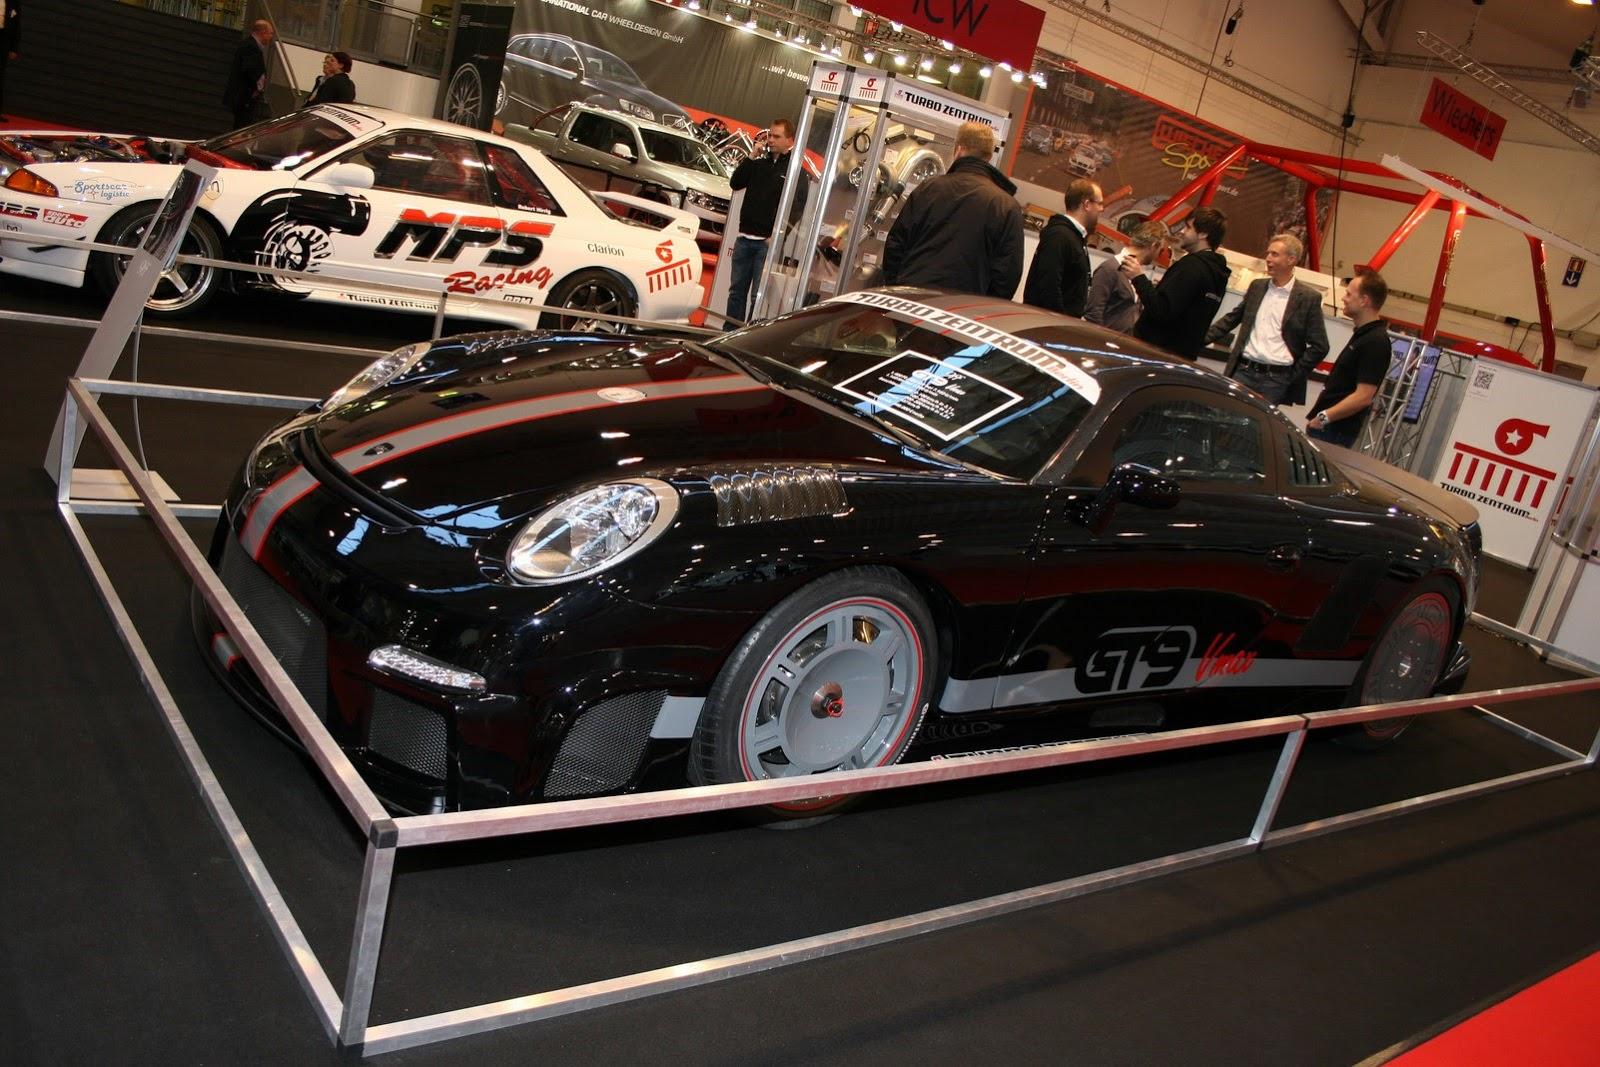 2013 9ff-GT9 Vmax